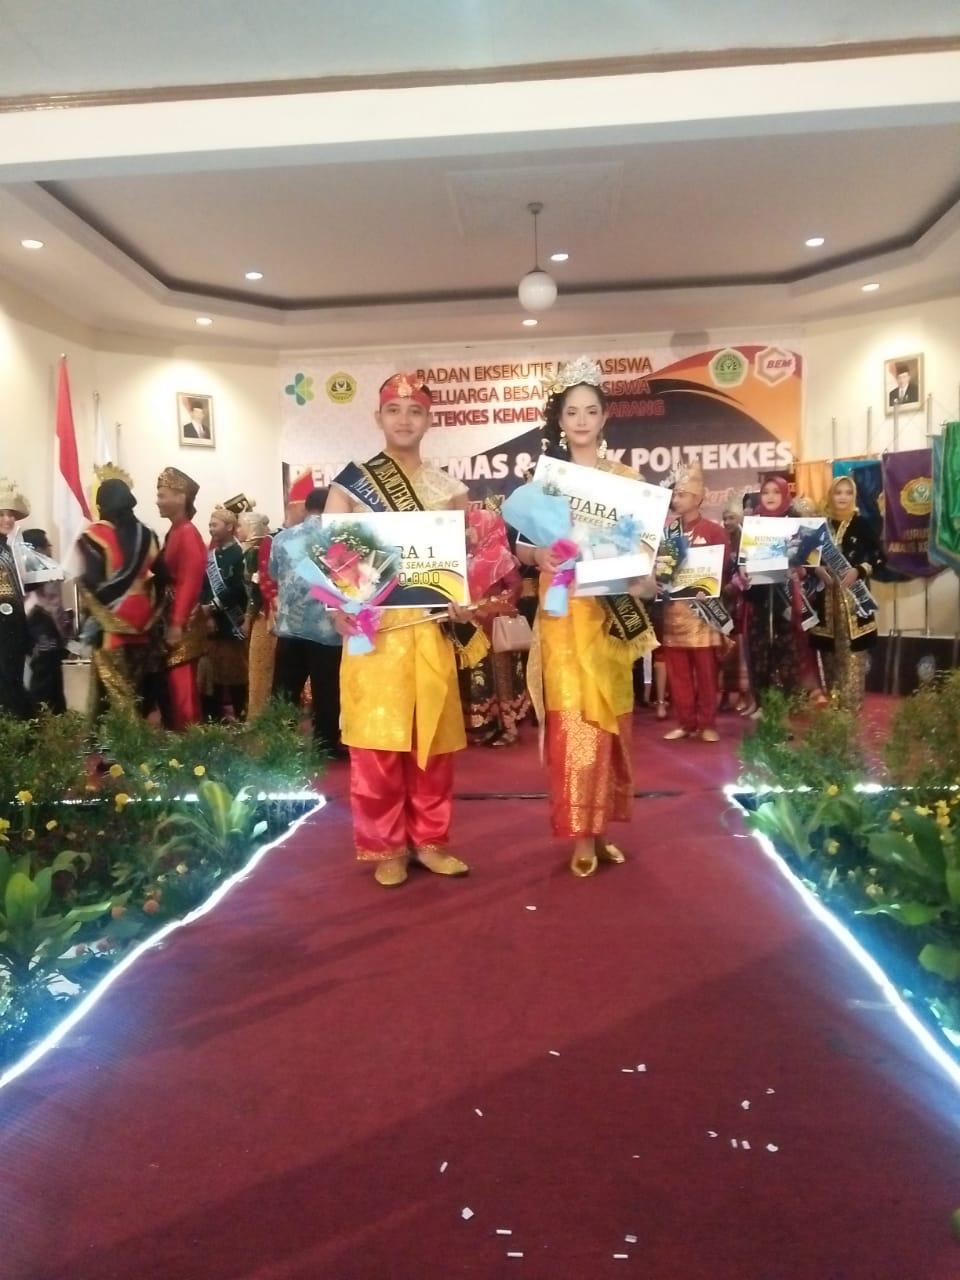 Jurusan Rmik Sapu Bersih Gelar Mas Dan Mbak Poltekkes Semarang Tahun 2019 Jurusan Rmik